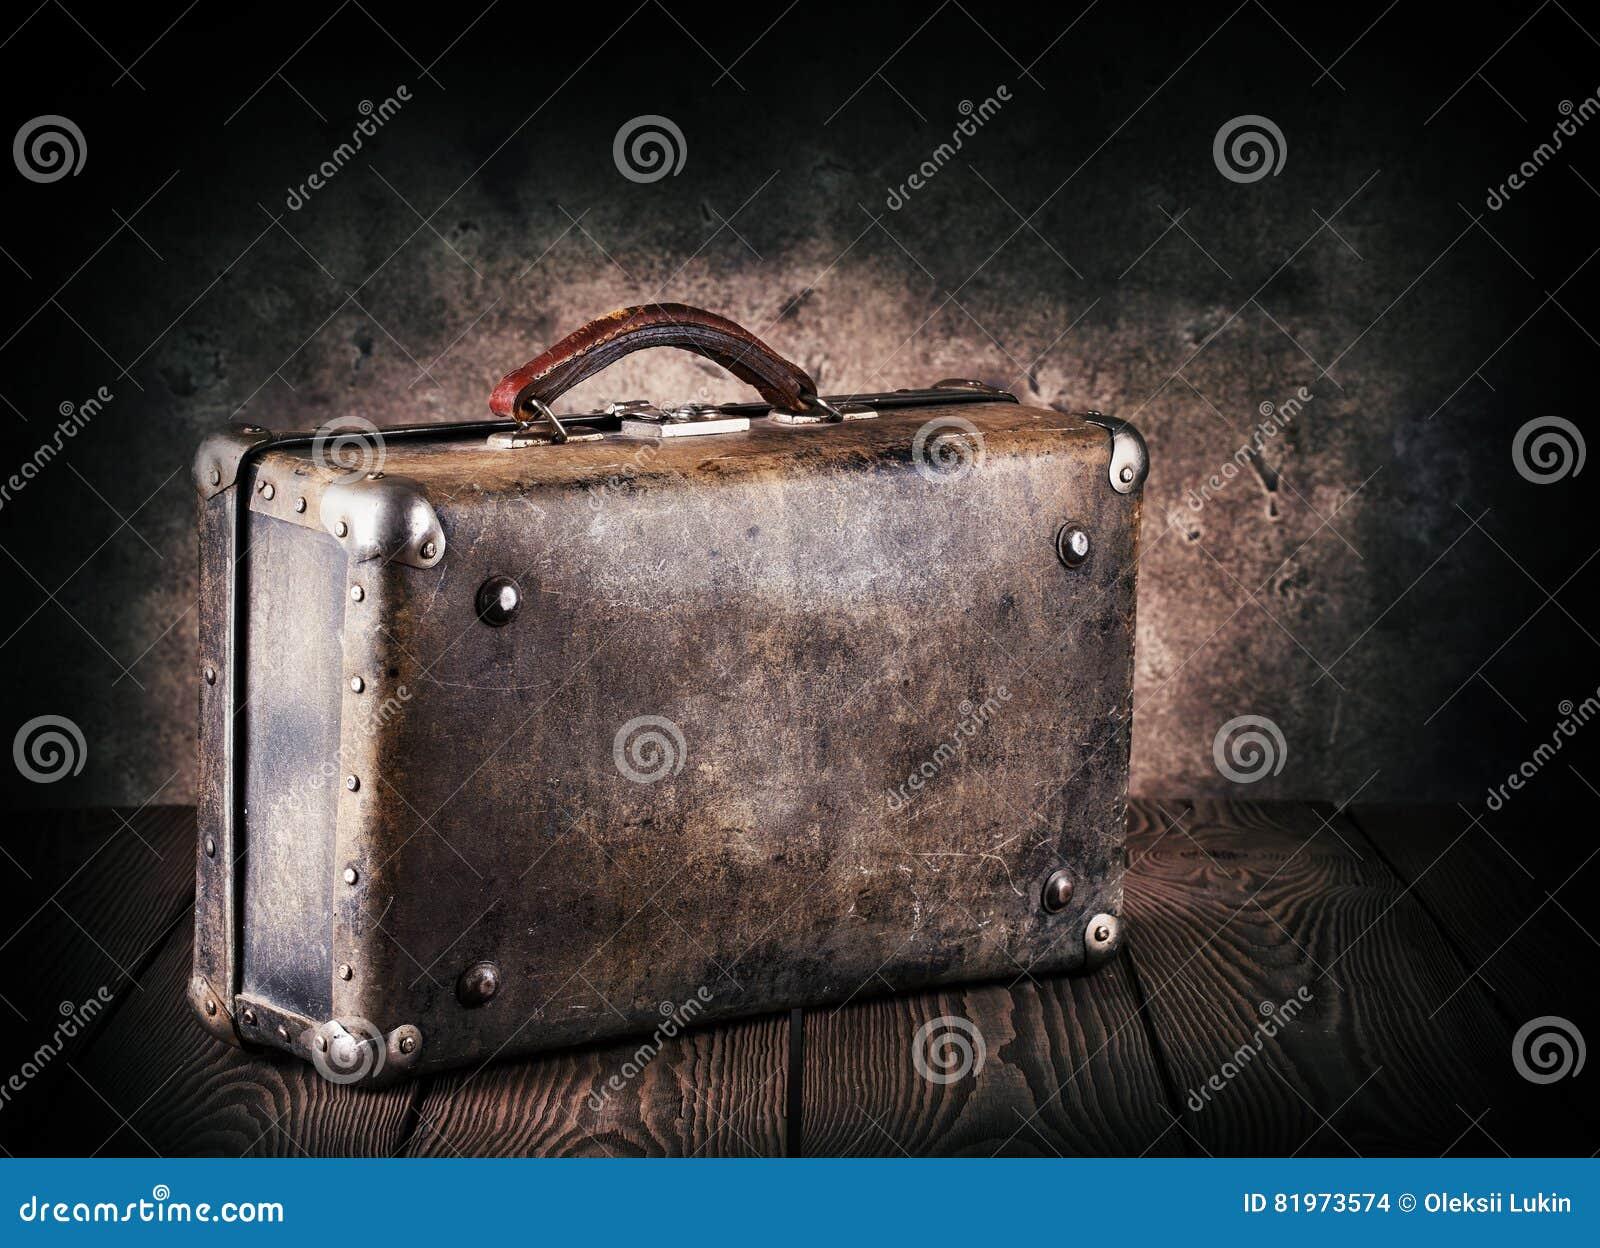 Παλαιά βαλίτσα δέρματος σε έναν ξύλινο πίνακα